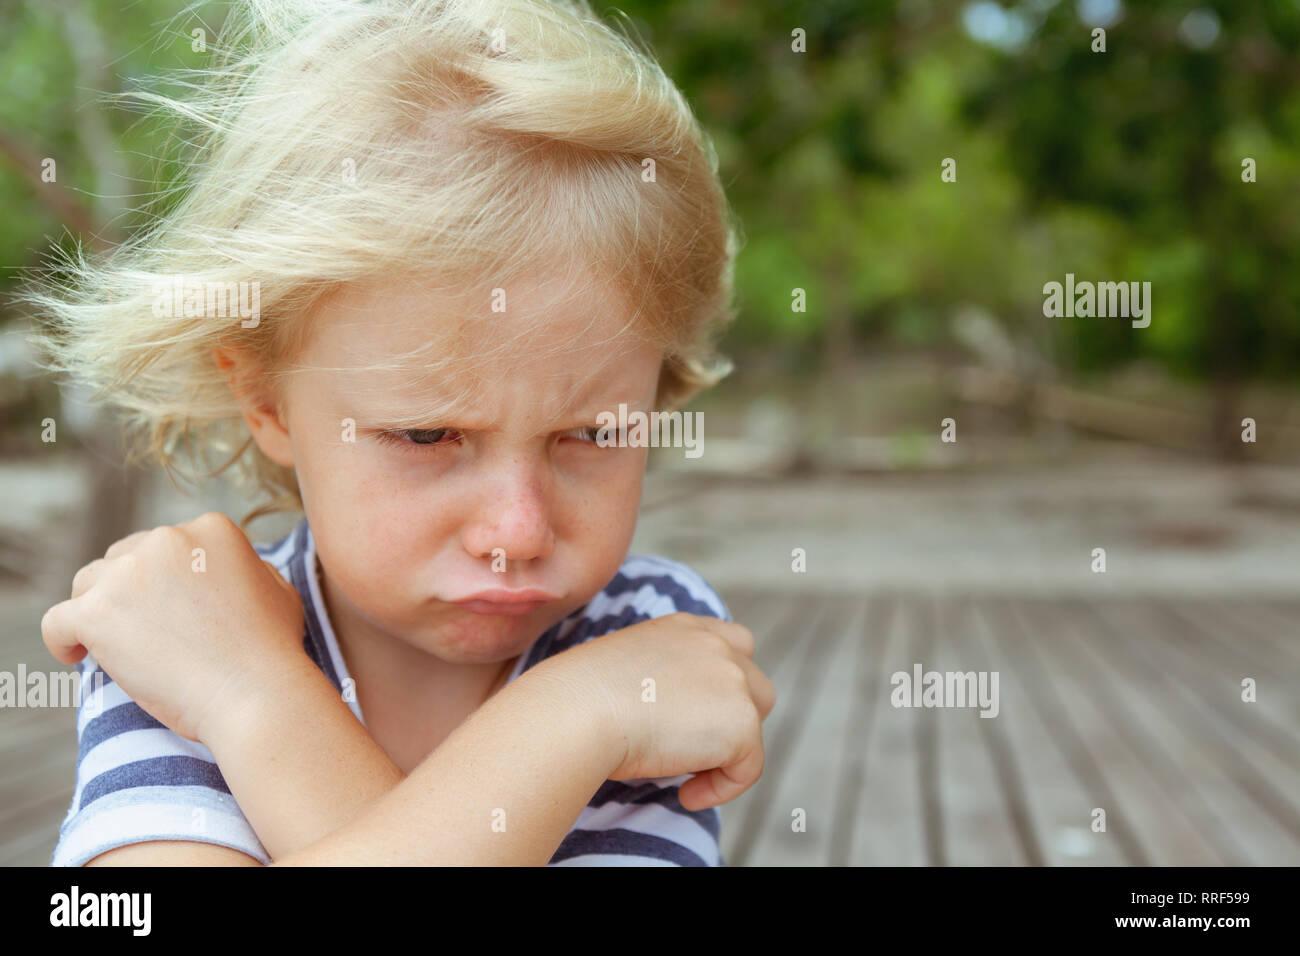 Face portrait de contrarié et mécontent caucasian kid avec bras croisés. Concept de l'enfant en colère et pour les relations familiales, les questions des problèmes sociaux Banque D'Images